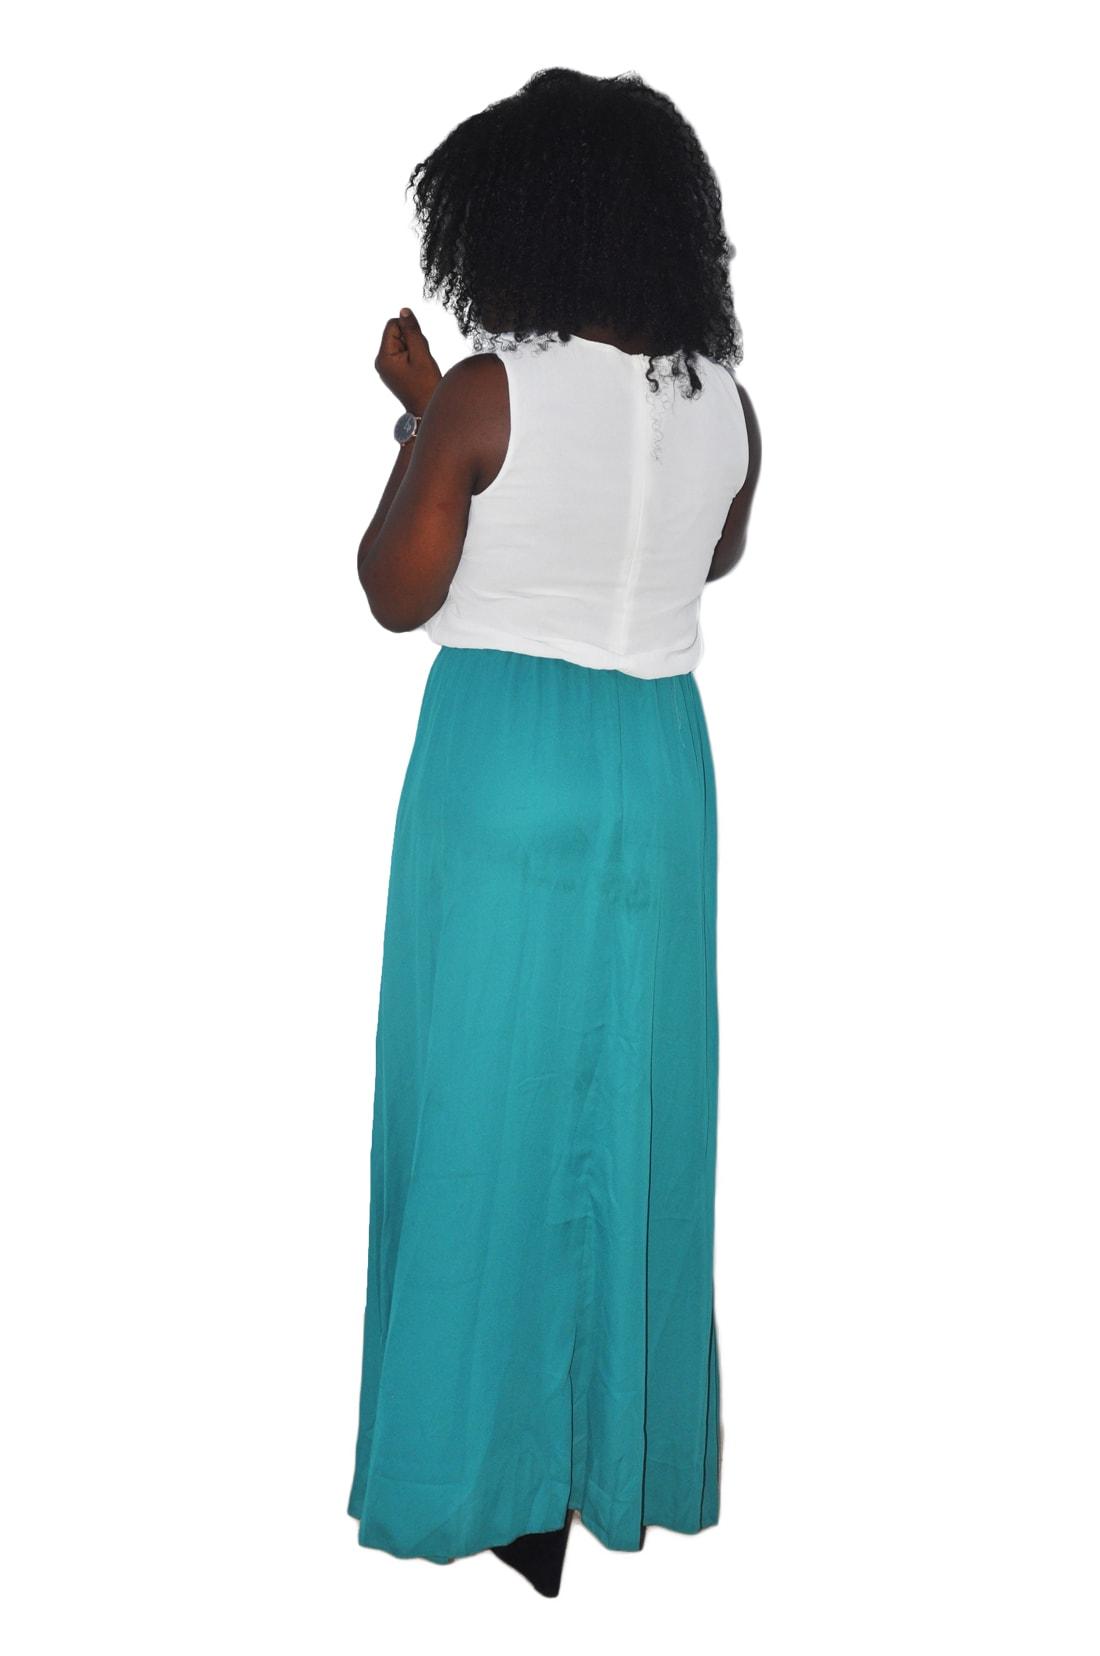 M0166 whitegreen2 Maxi Dresses maureens.com boutique